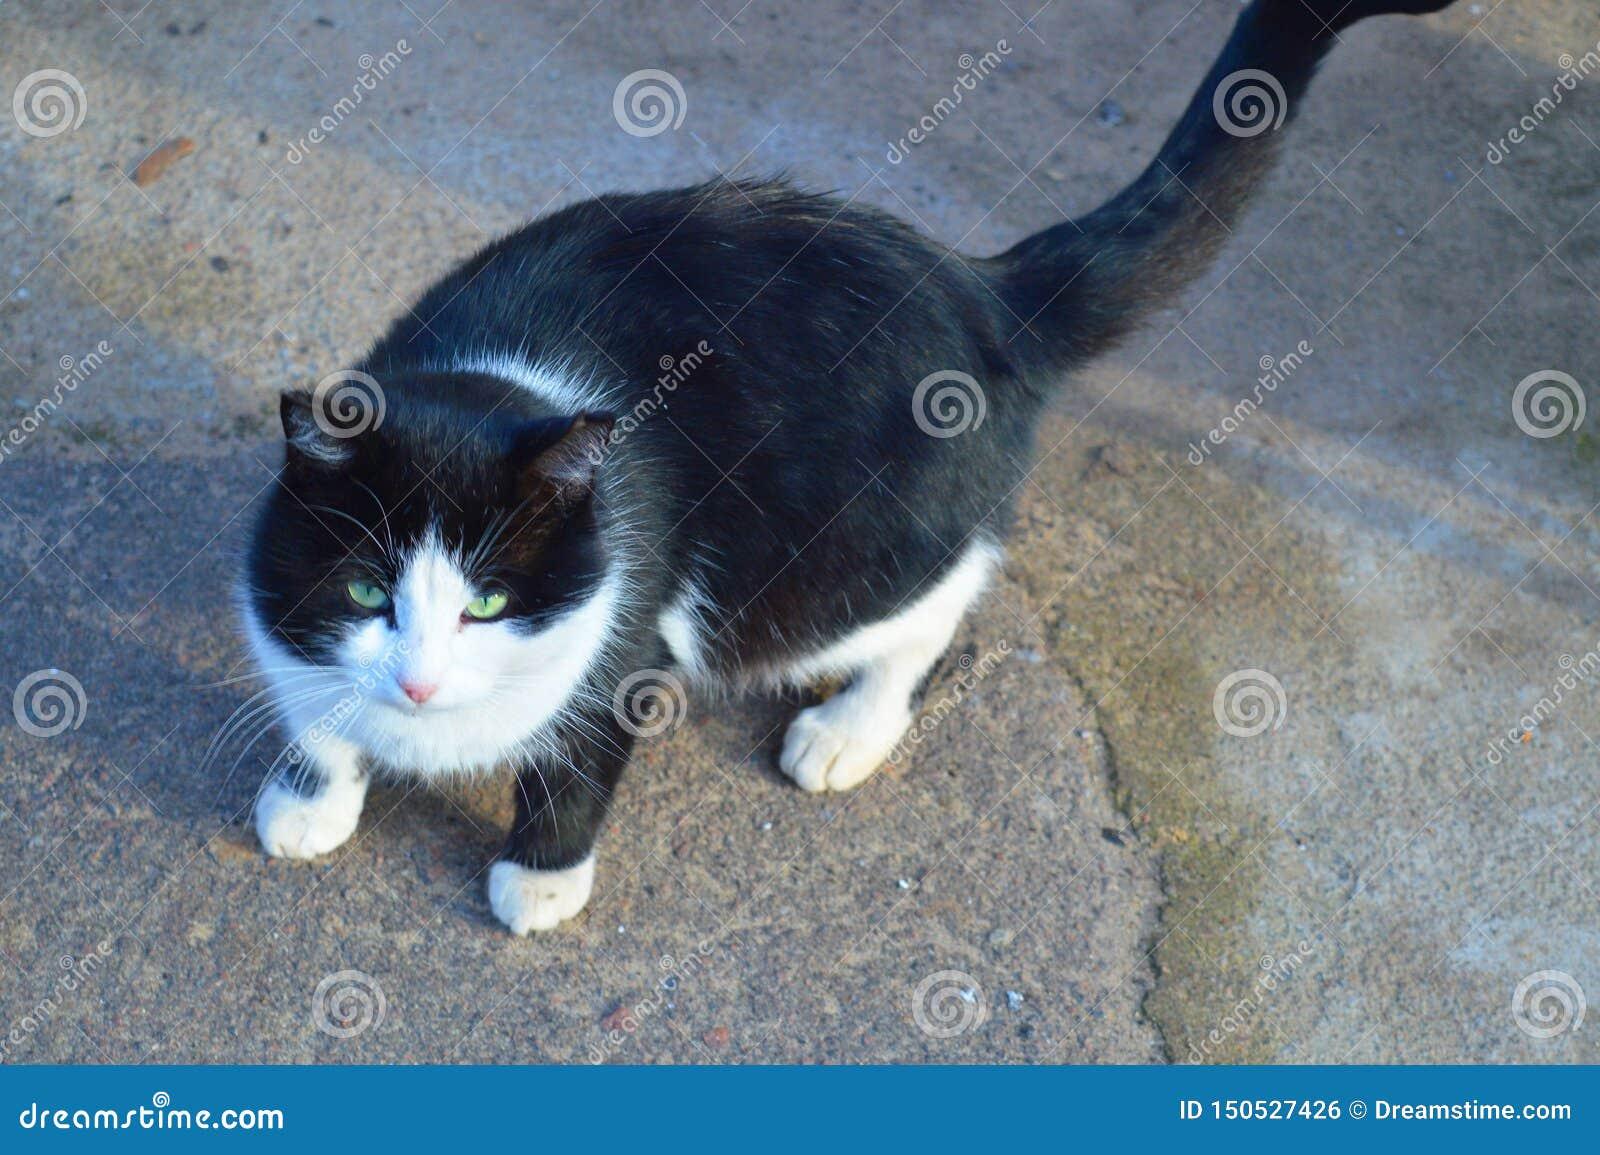 Gato ador?vel com olhos verdes